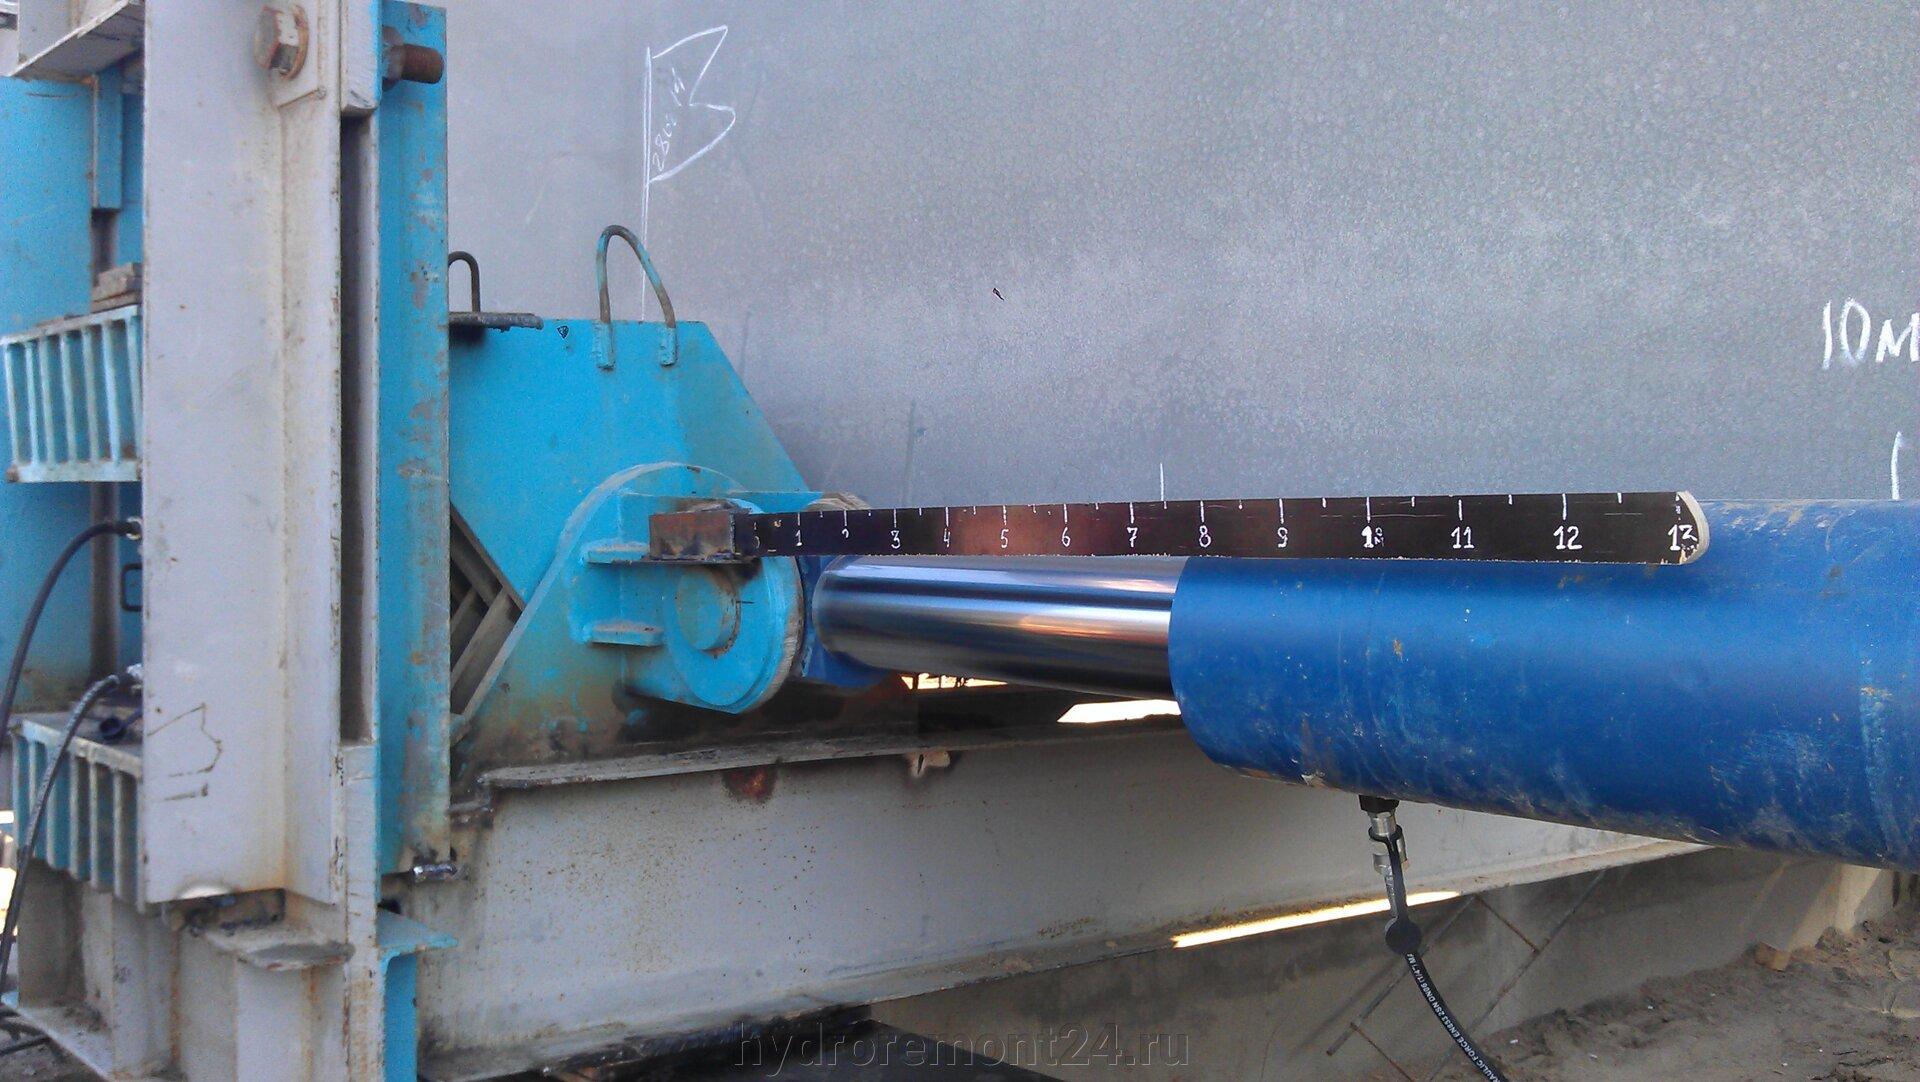 Гидроцилиндры для перемещения мостовых пролетов - фото pic_733a235f1aa1a77bc3ef60a33d012308_1920x9000_1.jpg